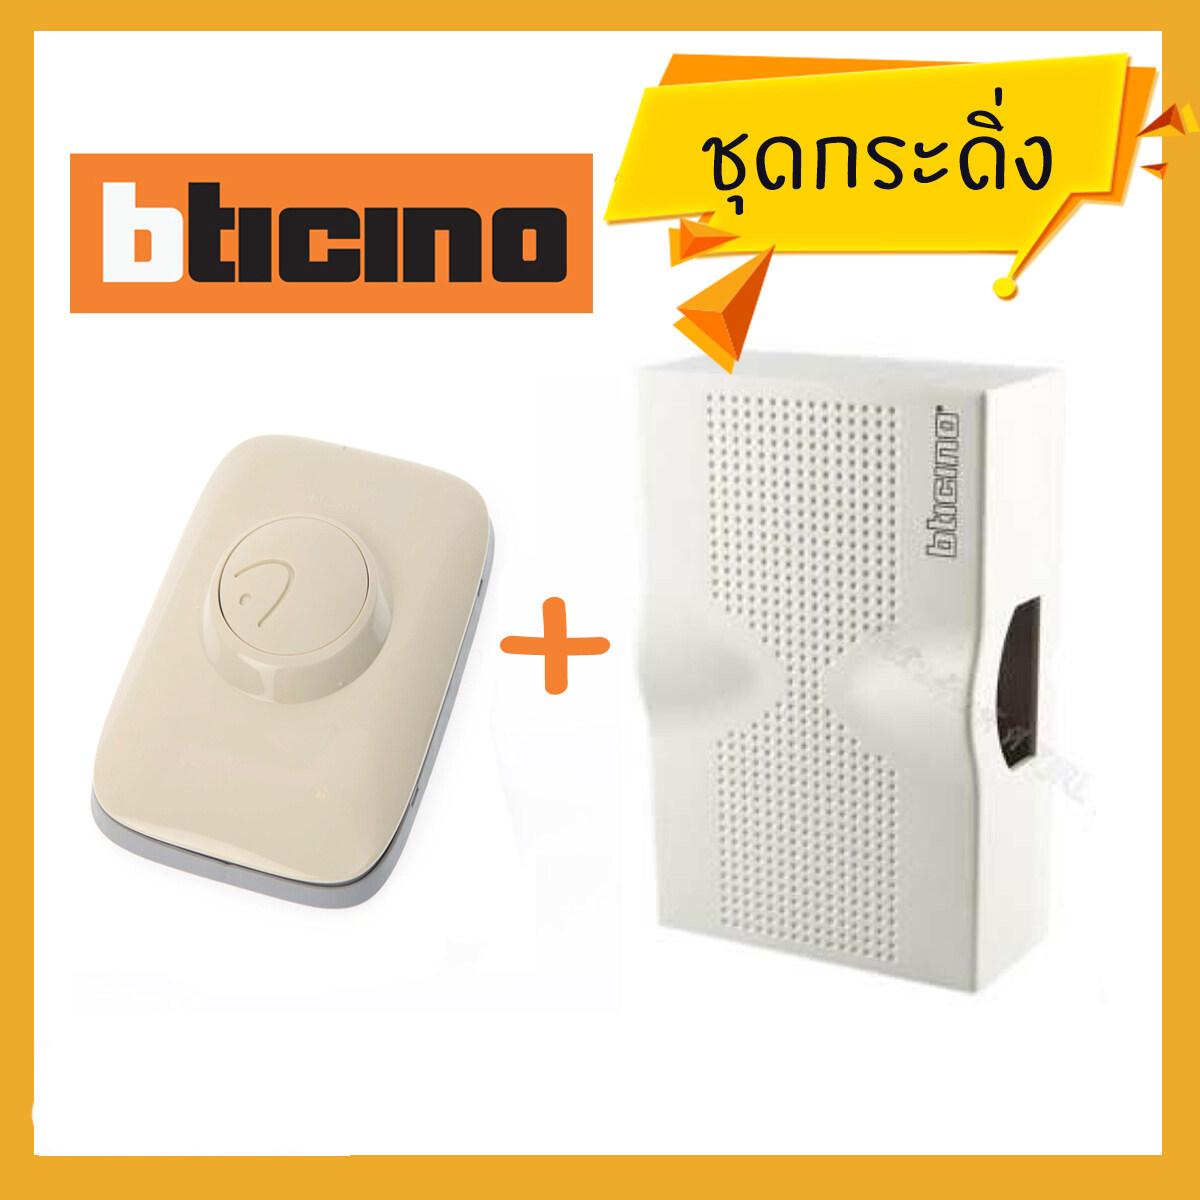 ชุดกระดิ่งนิ้งหน่อง + สวิตกด Bticino แท้ 100% ออดบ้าน รุ่นใหม่